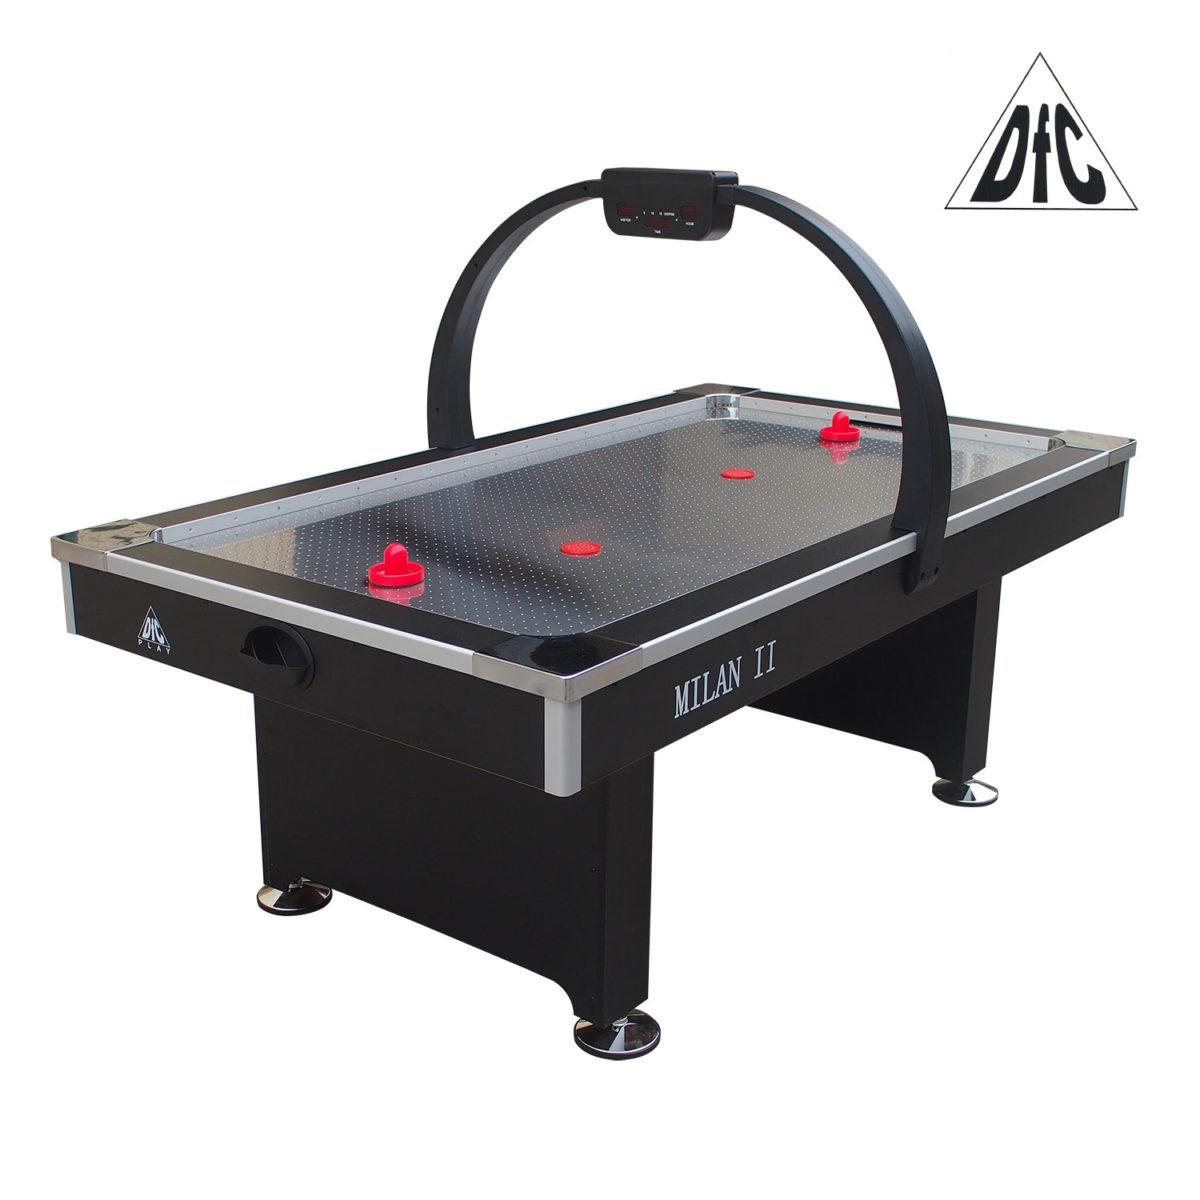 Игровой стол - аэрохоккей DFC MILAN II 7ft-арт-AT-550-